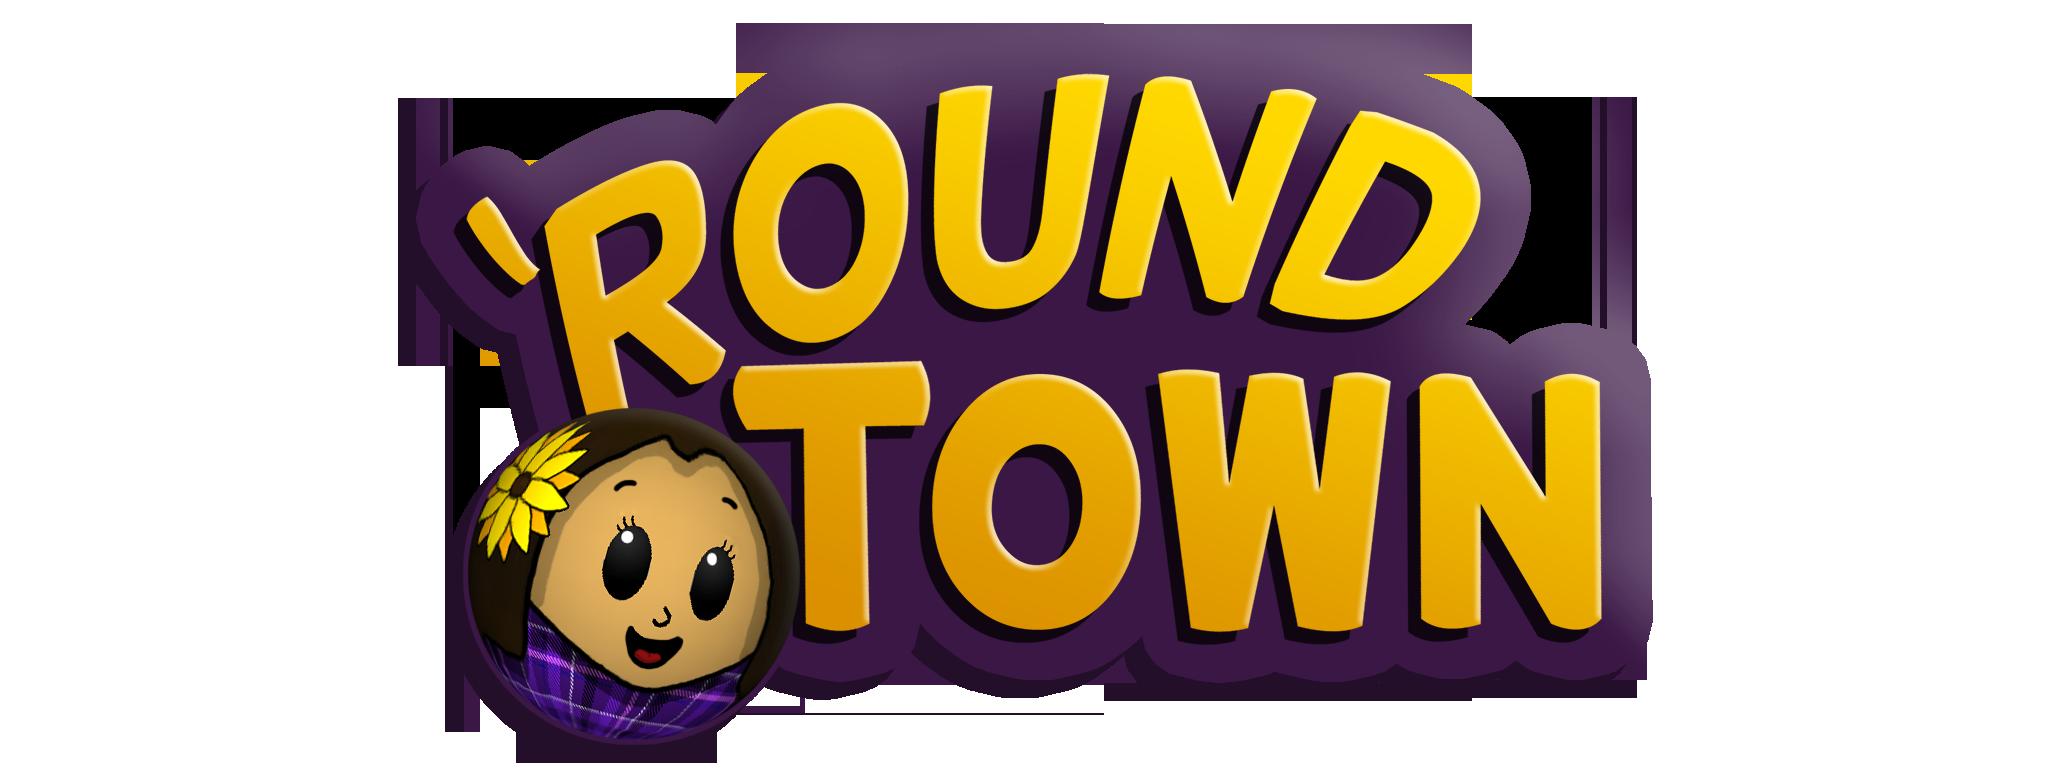 'Round Town